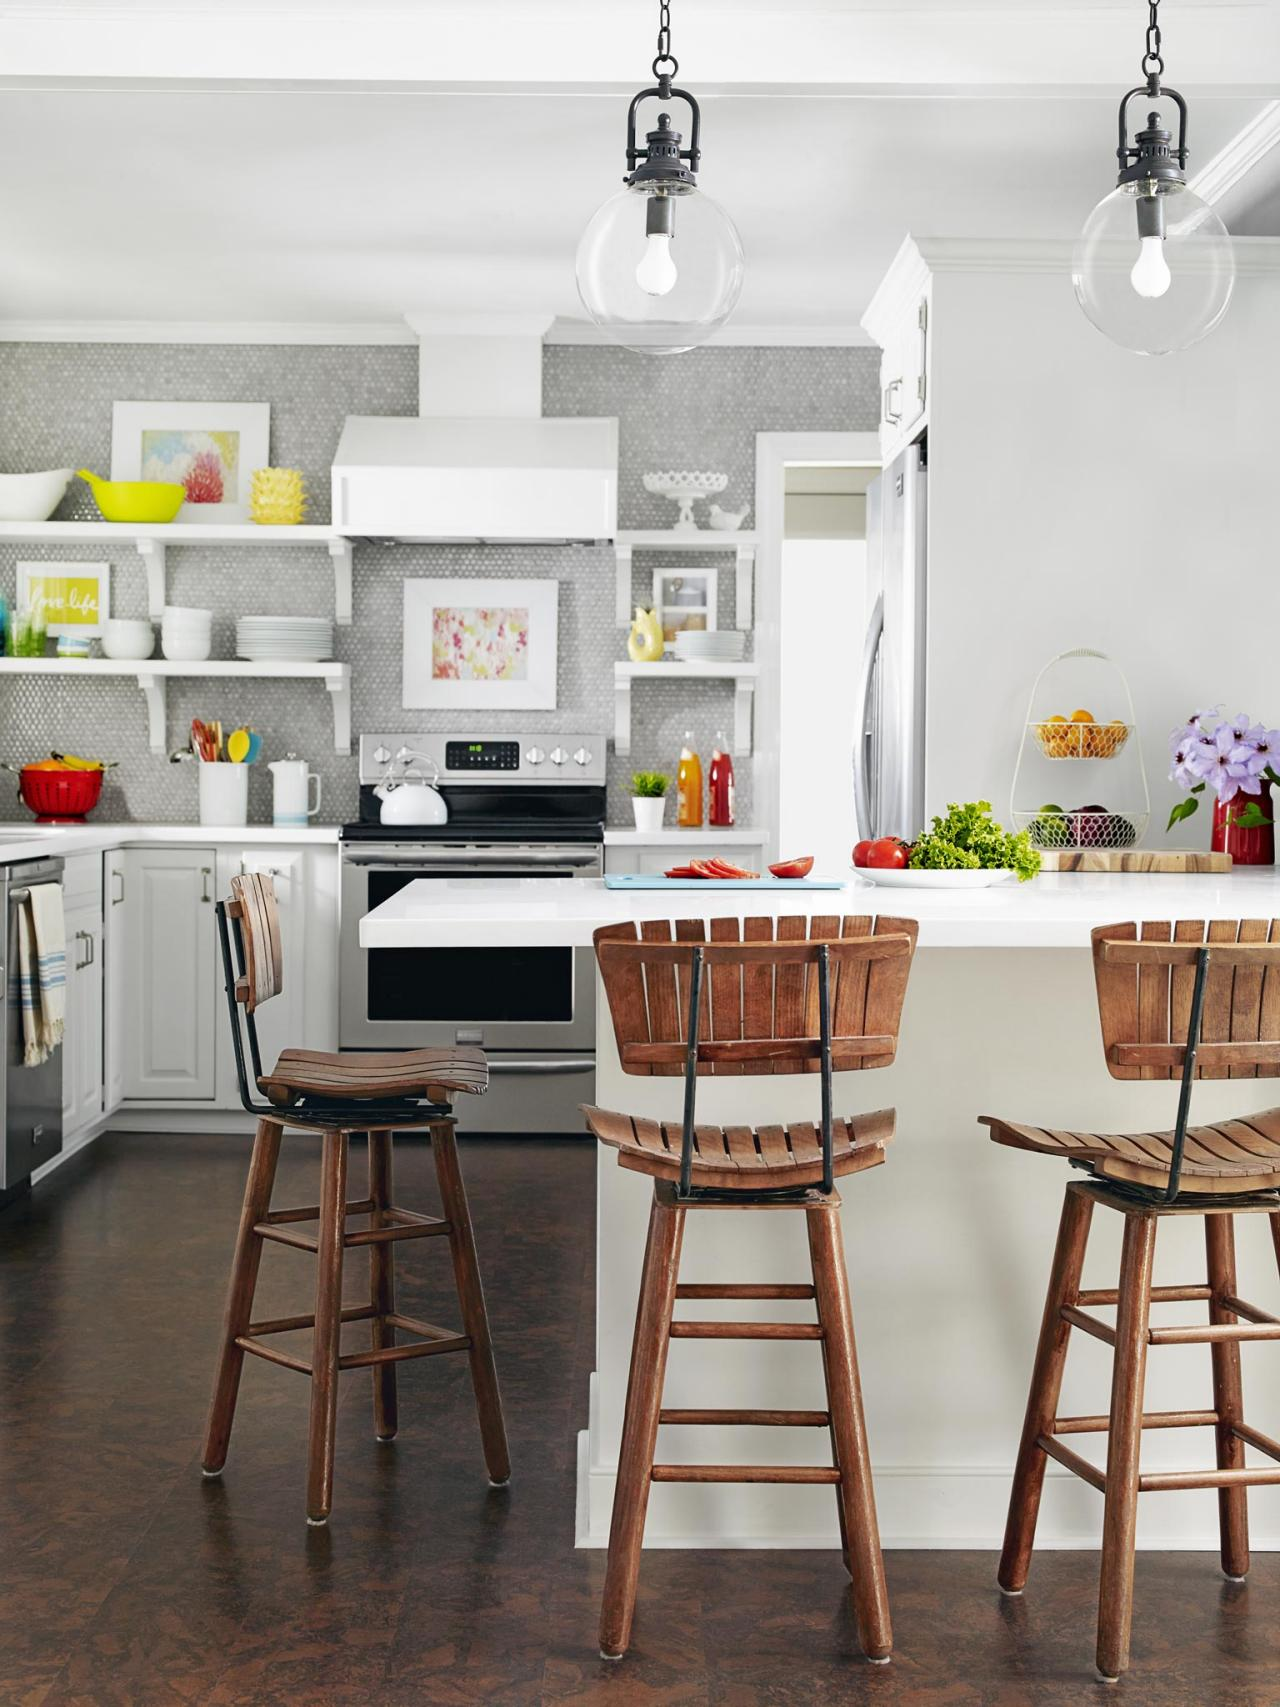 Temas modernos na cozinha